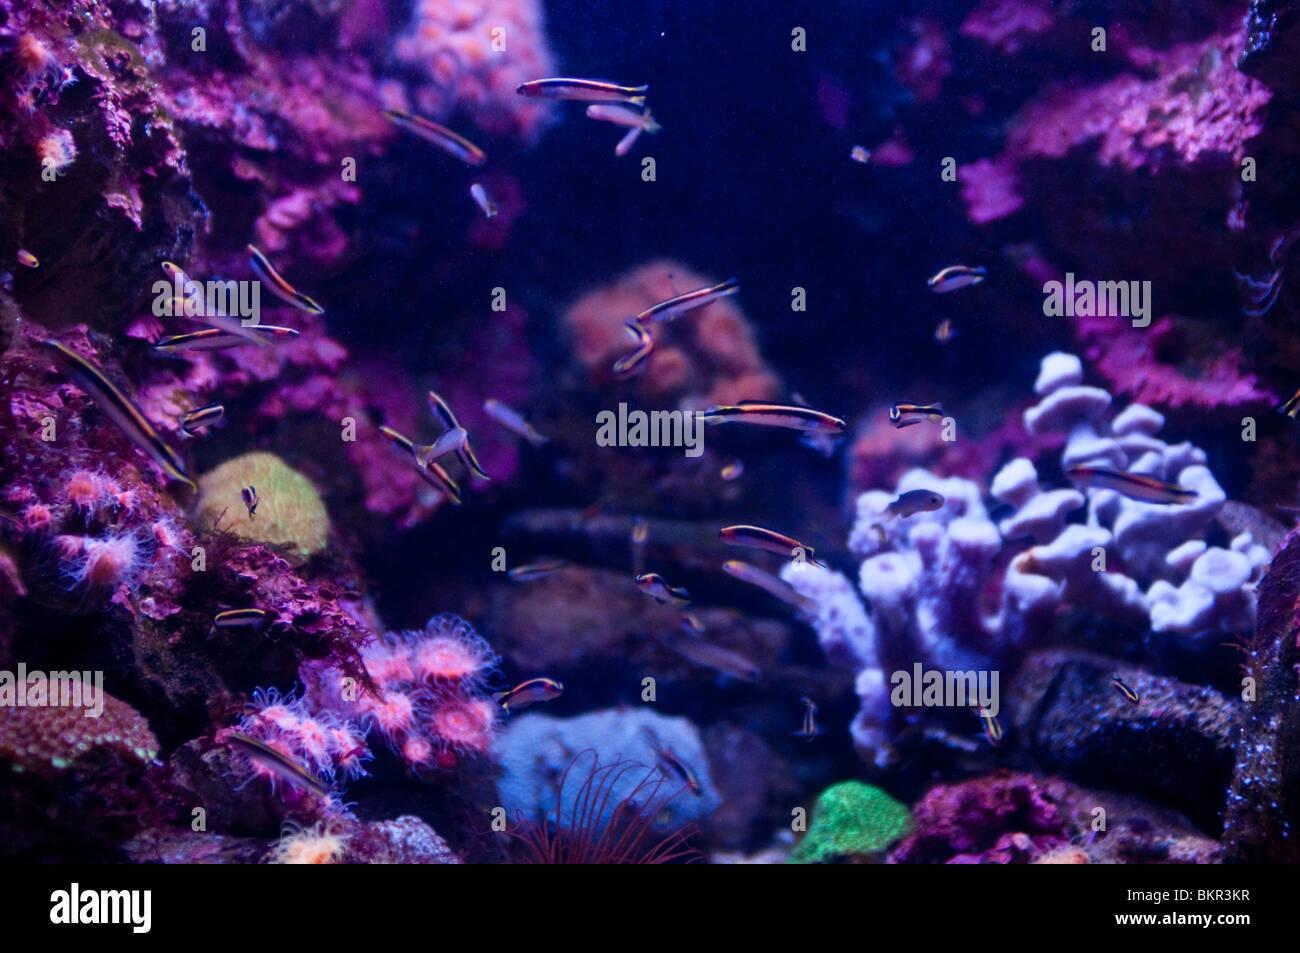 Fish swimming against coral background, Sydney Aquarium, Sydney, Australia - Stock Image